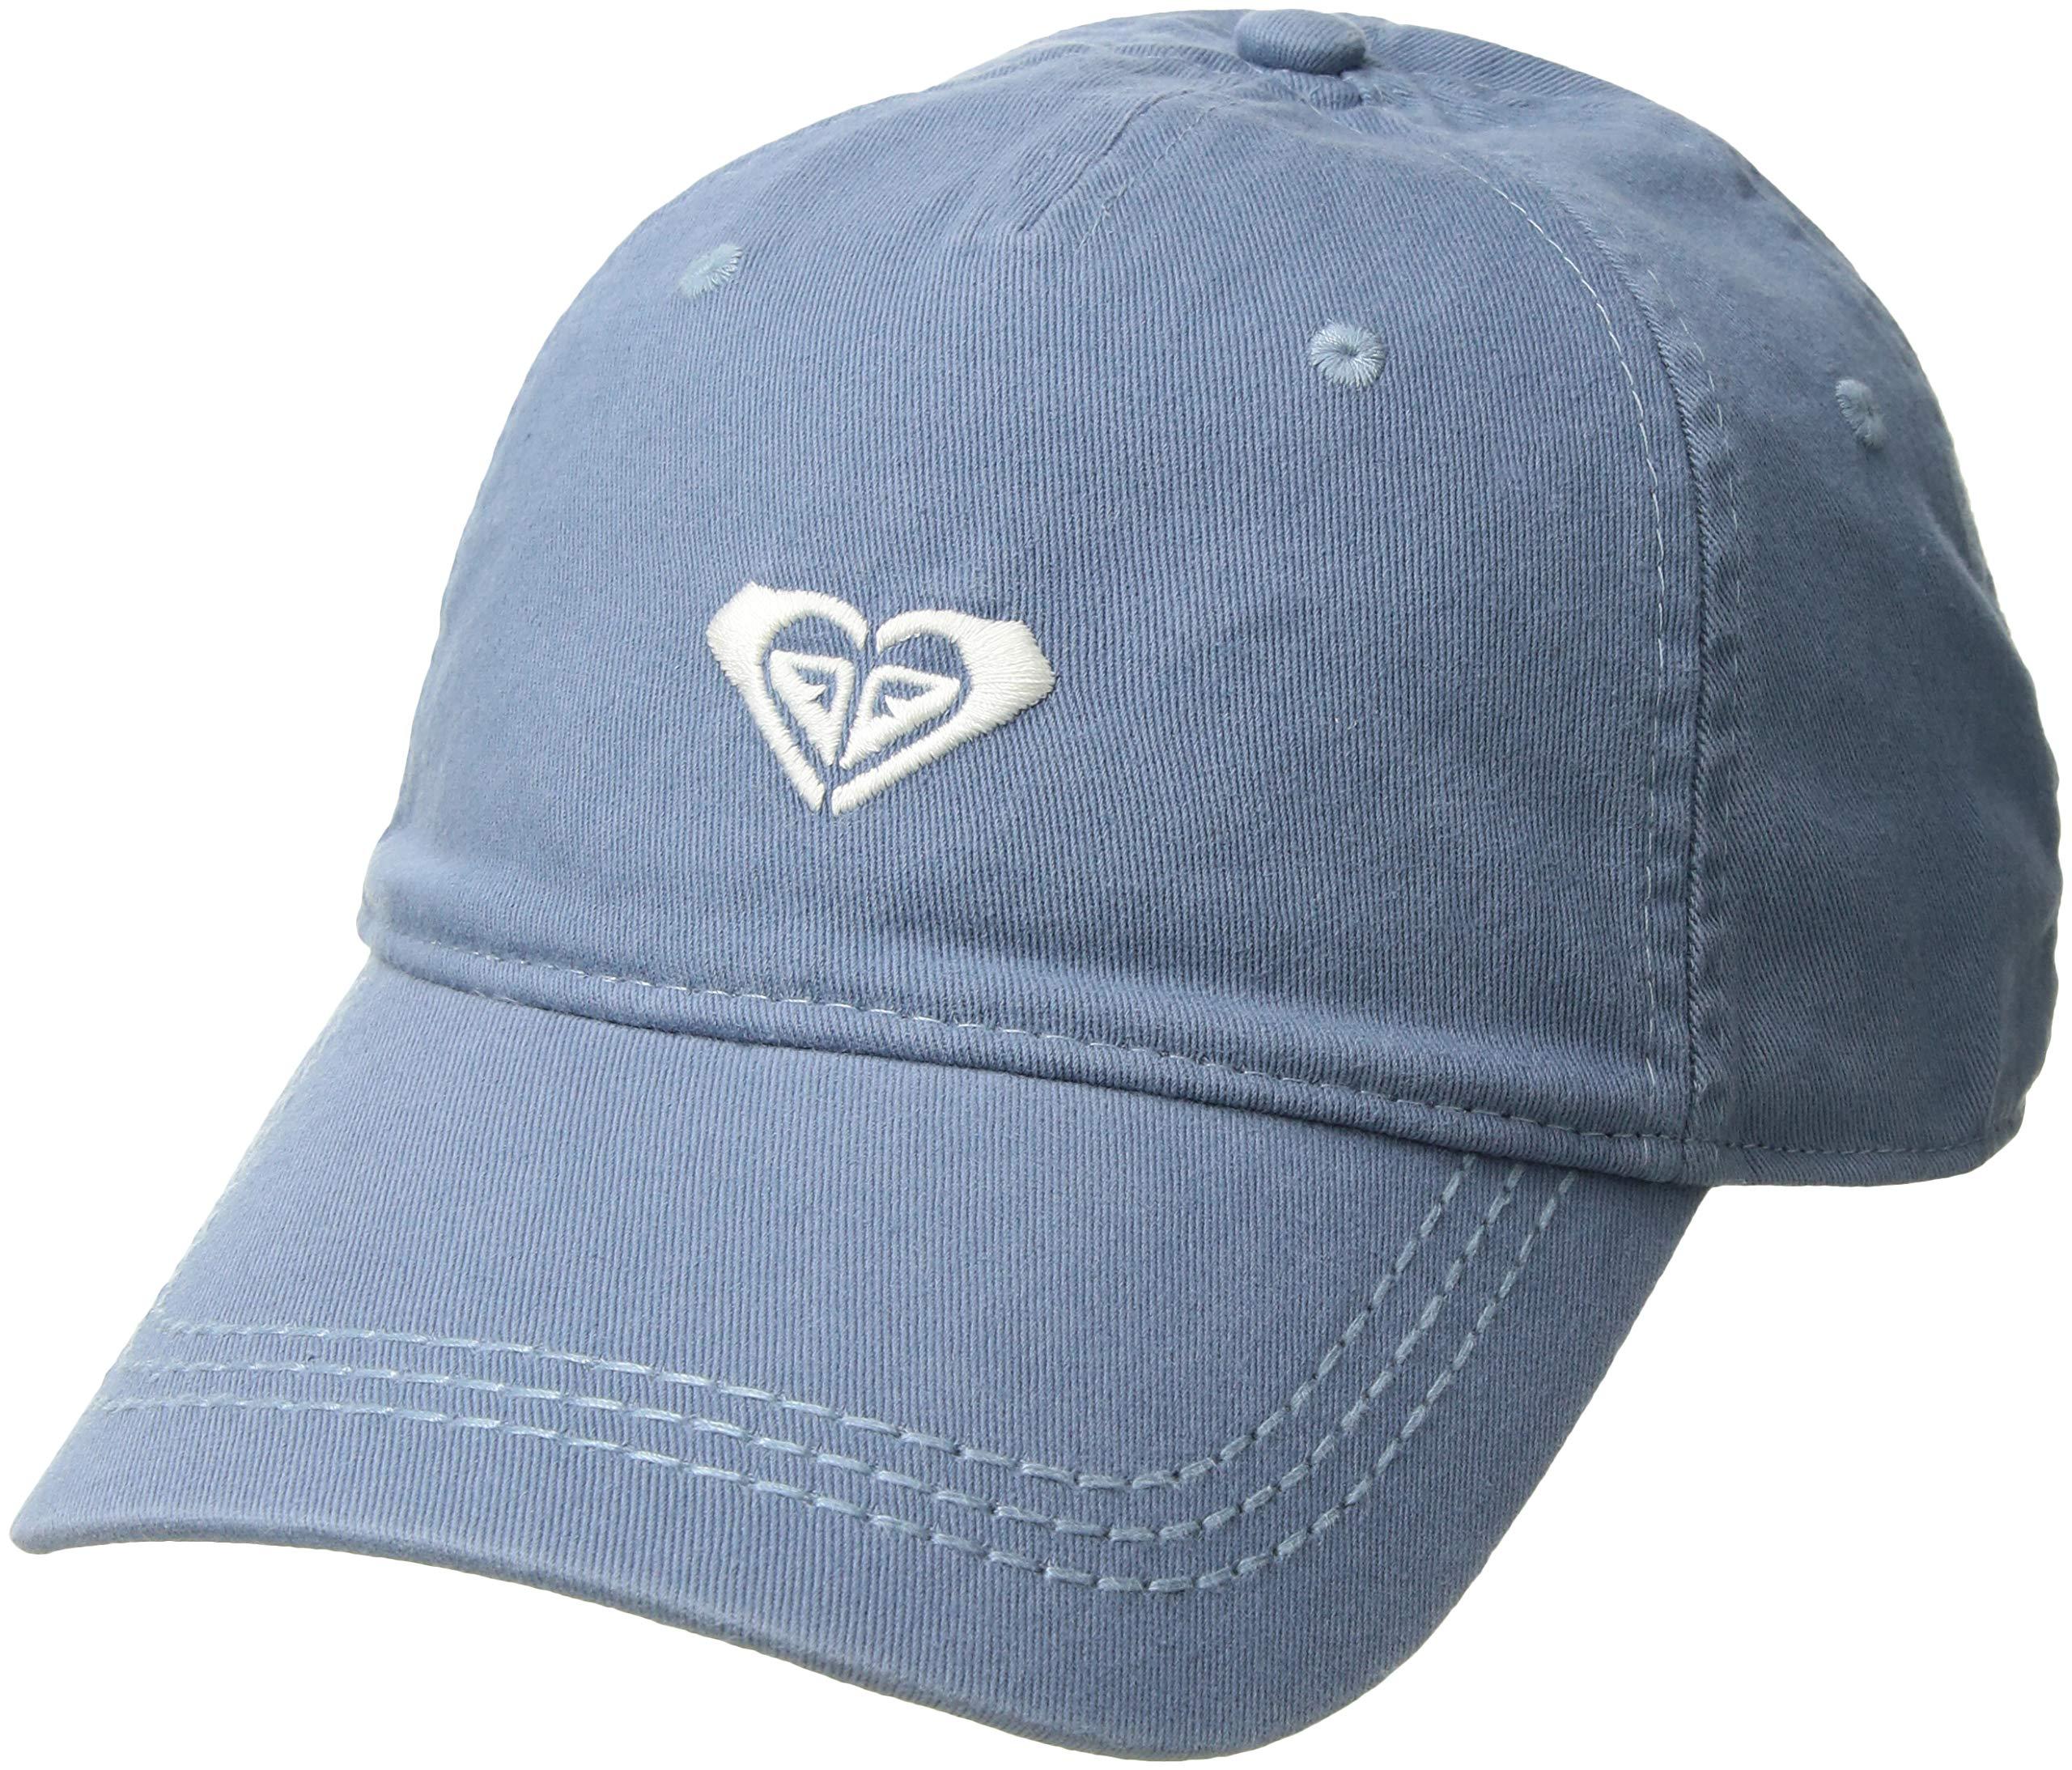 Roxy Junior's Dear Believer Baseball Cap, Ashley Blue, One Size